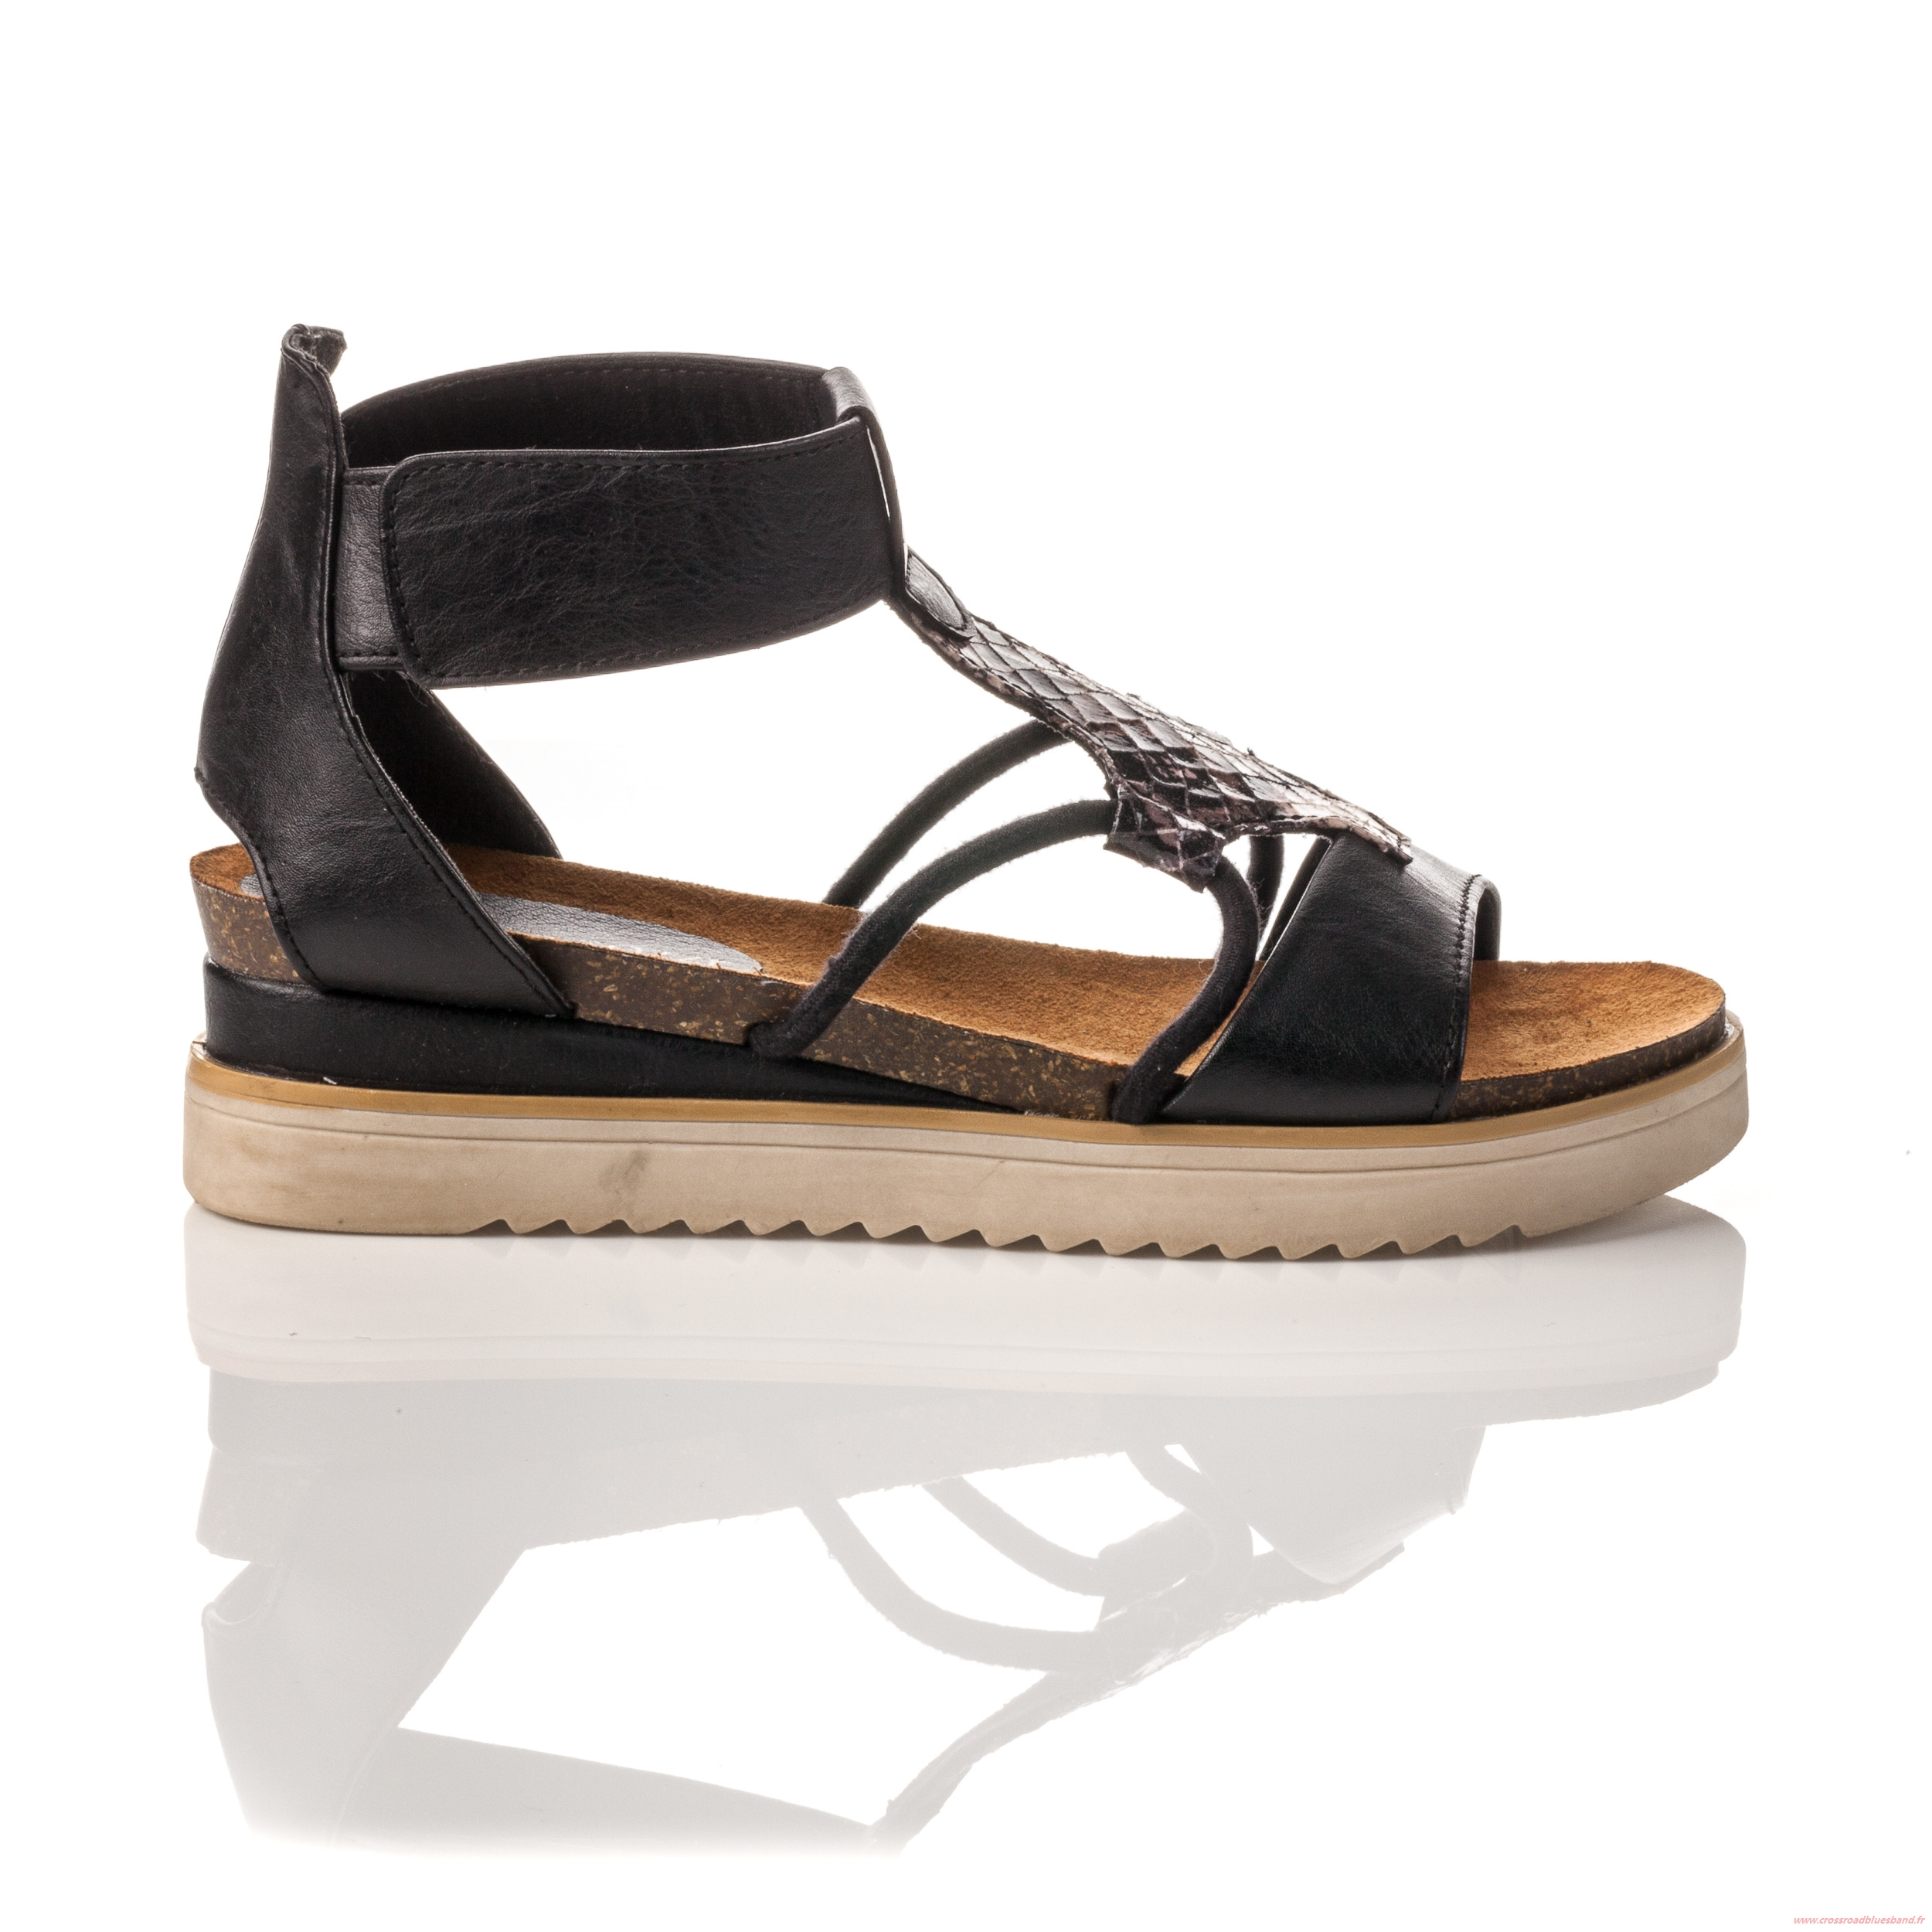 plus de photos b1722 d6c86 Sandales femme plates besson - Chaussure - lescahiersdalter